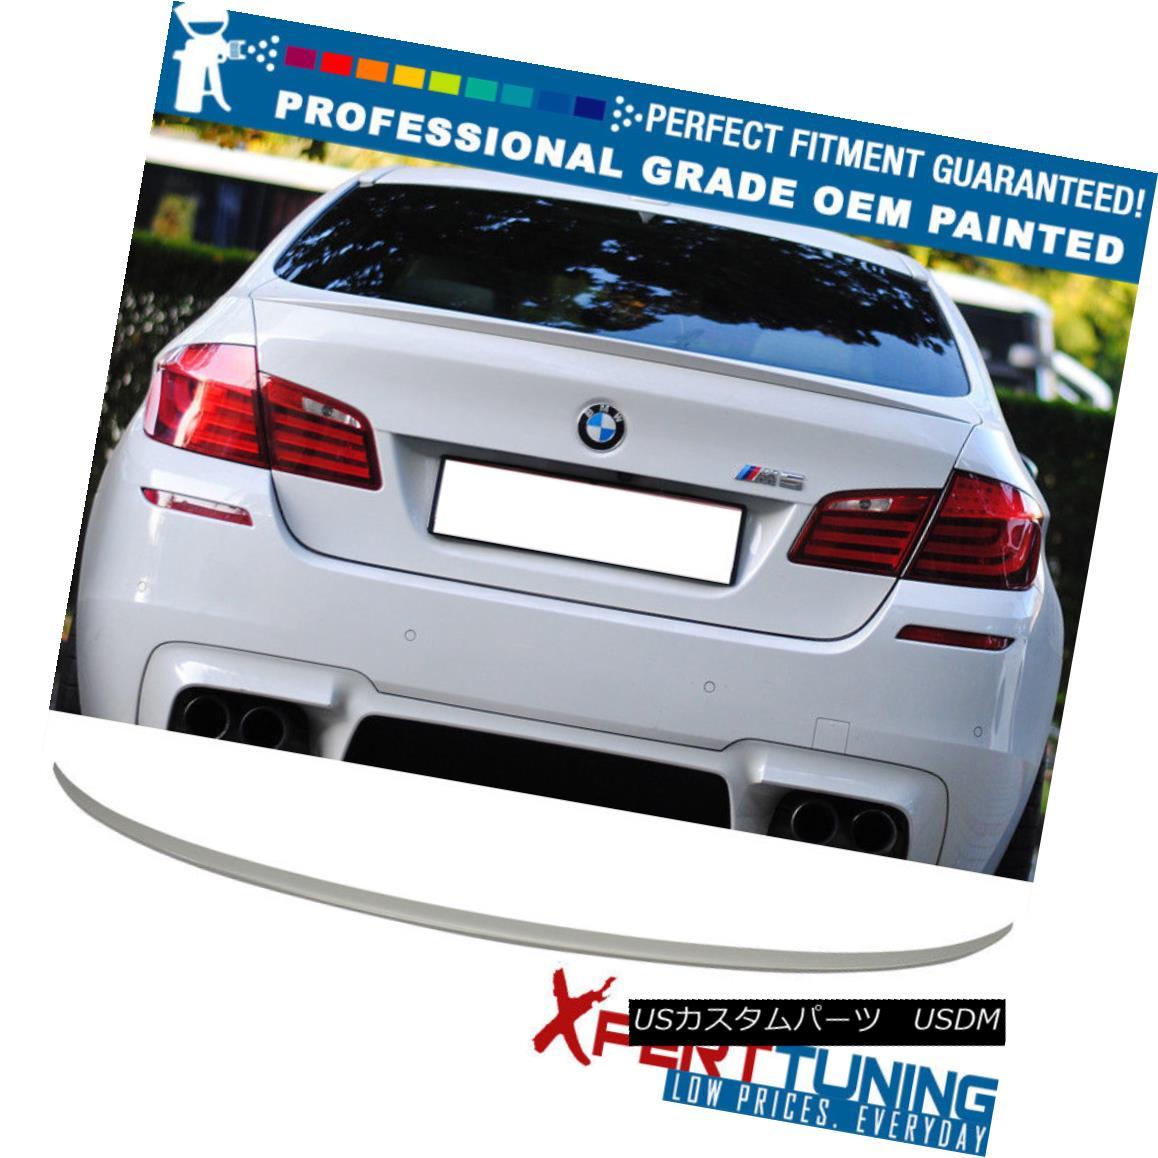 エアロパーツ 11-16 BMW 5-Series F10 4Dr M5 Painted ABS Trunk Spoiler - OEM Painted Color 11-16 BMW 5シリーズF10 4Dr M5塗装ABSトランク・スポイラー - OEM塗装色